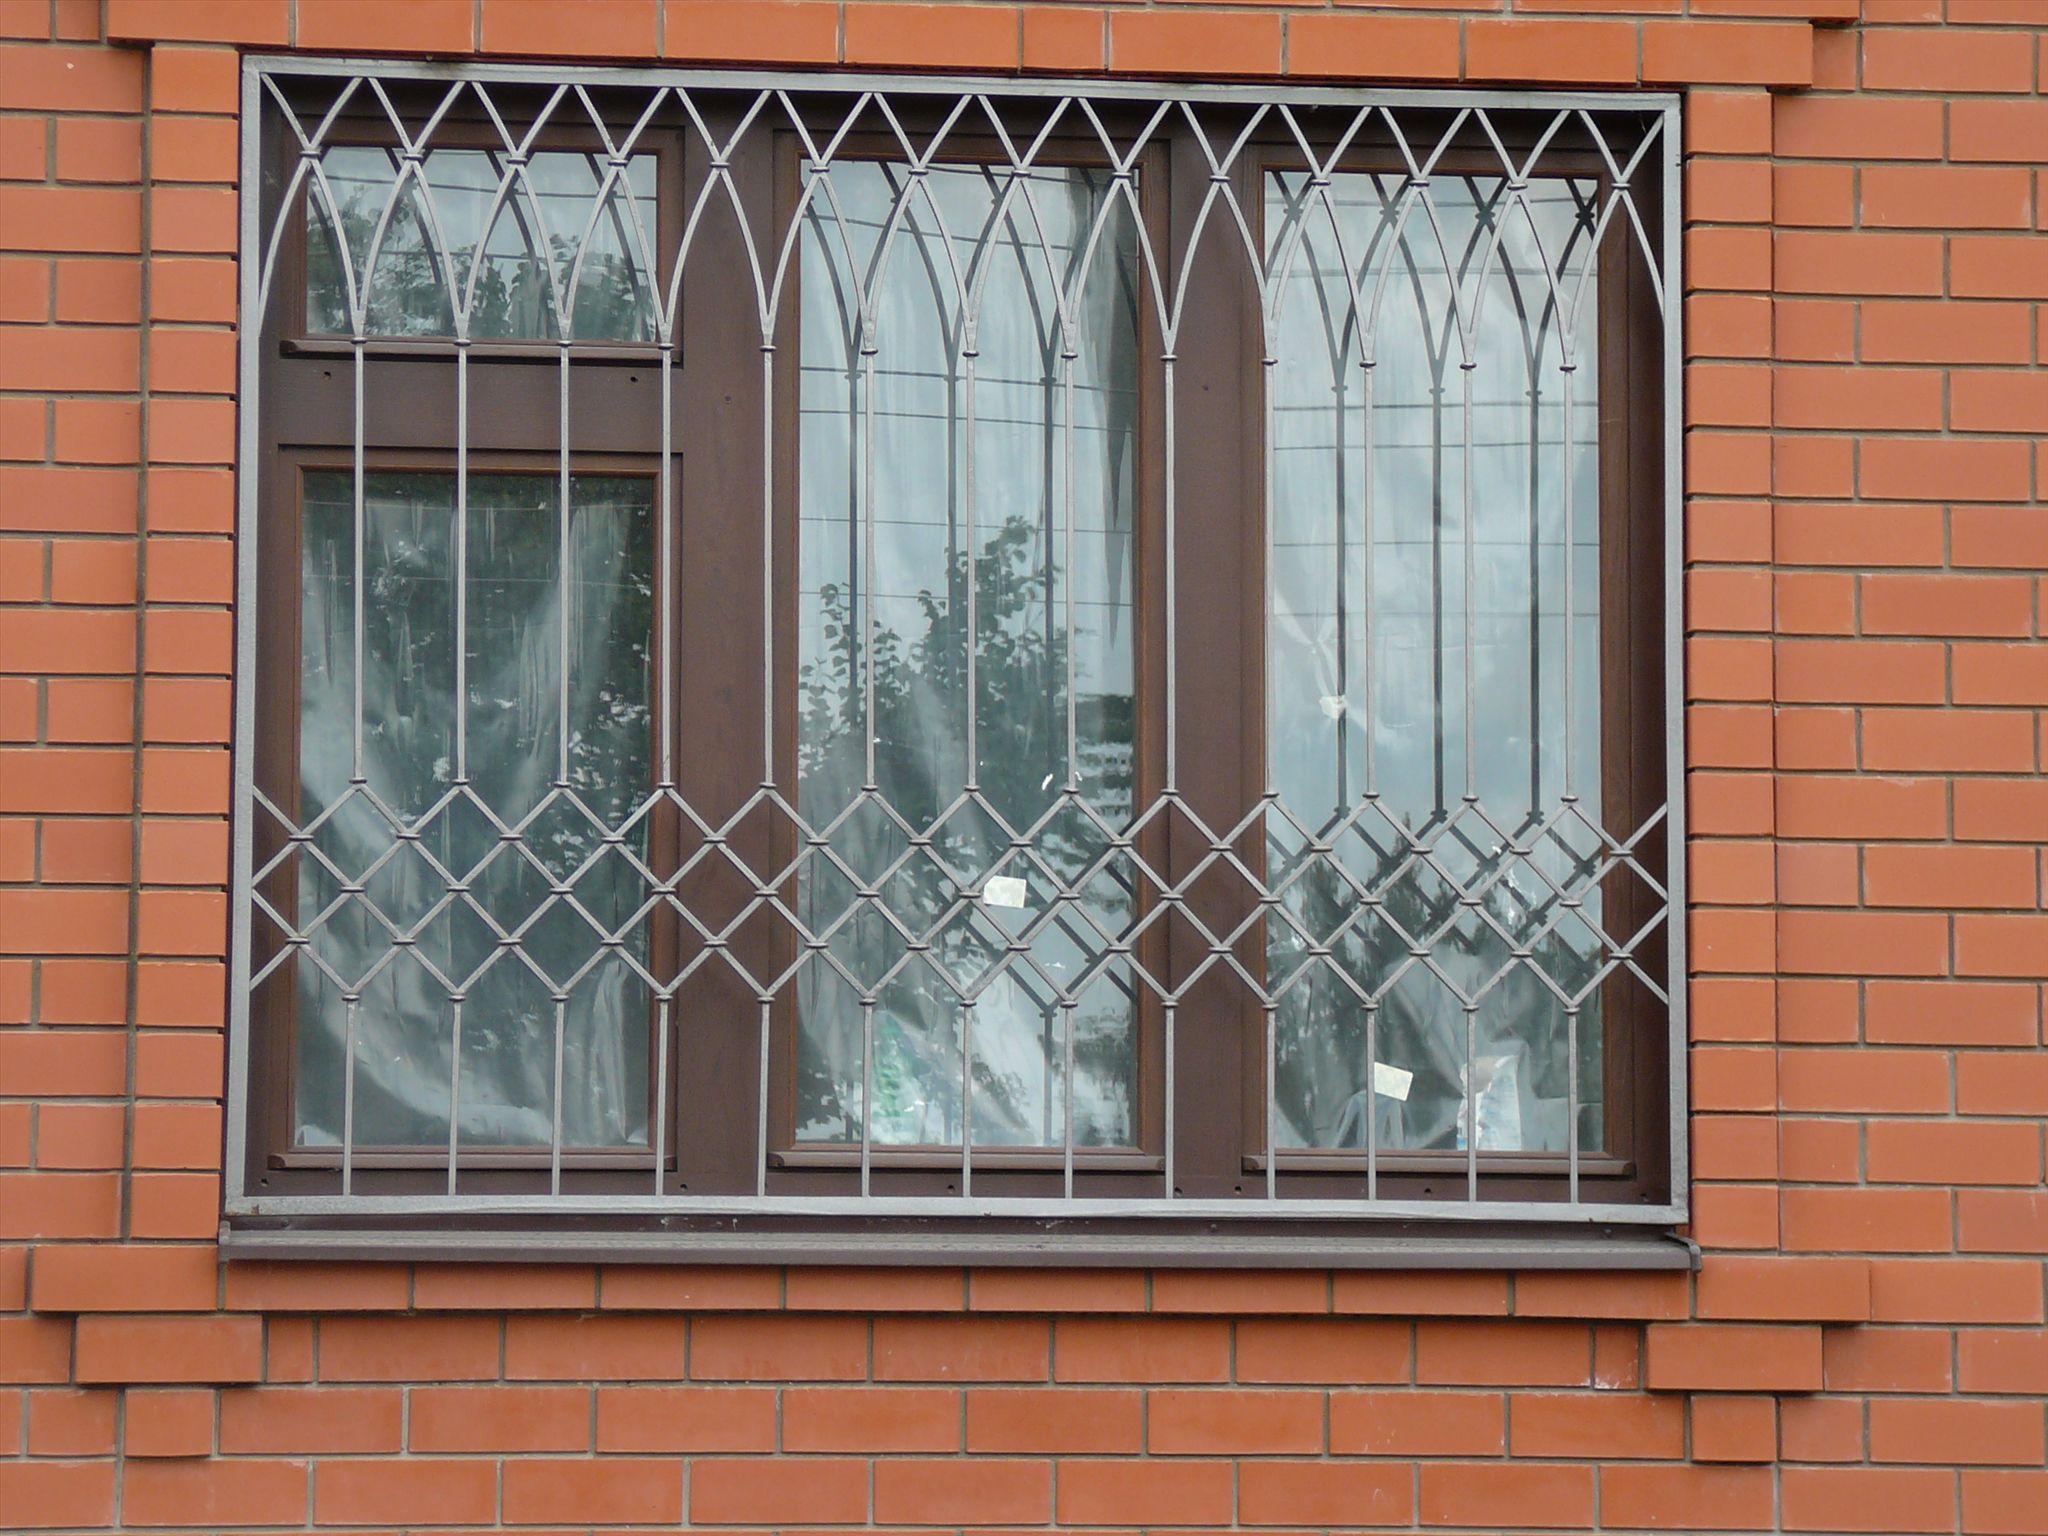 Купить решетки на окна.балконные решетки с открыванием. в кр.